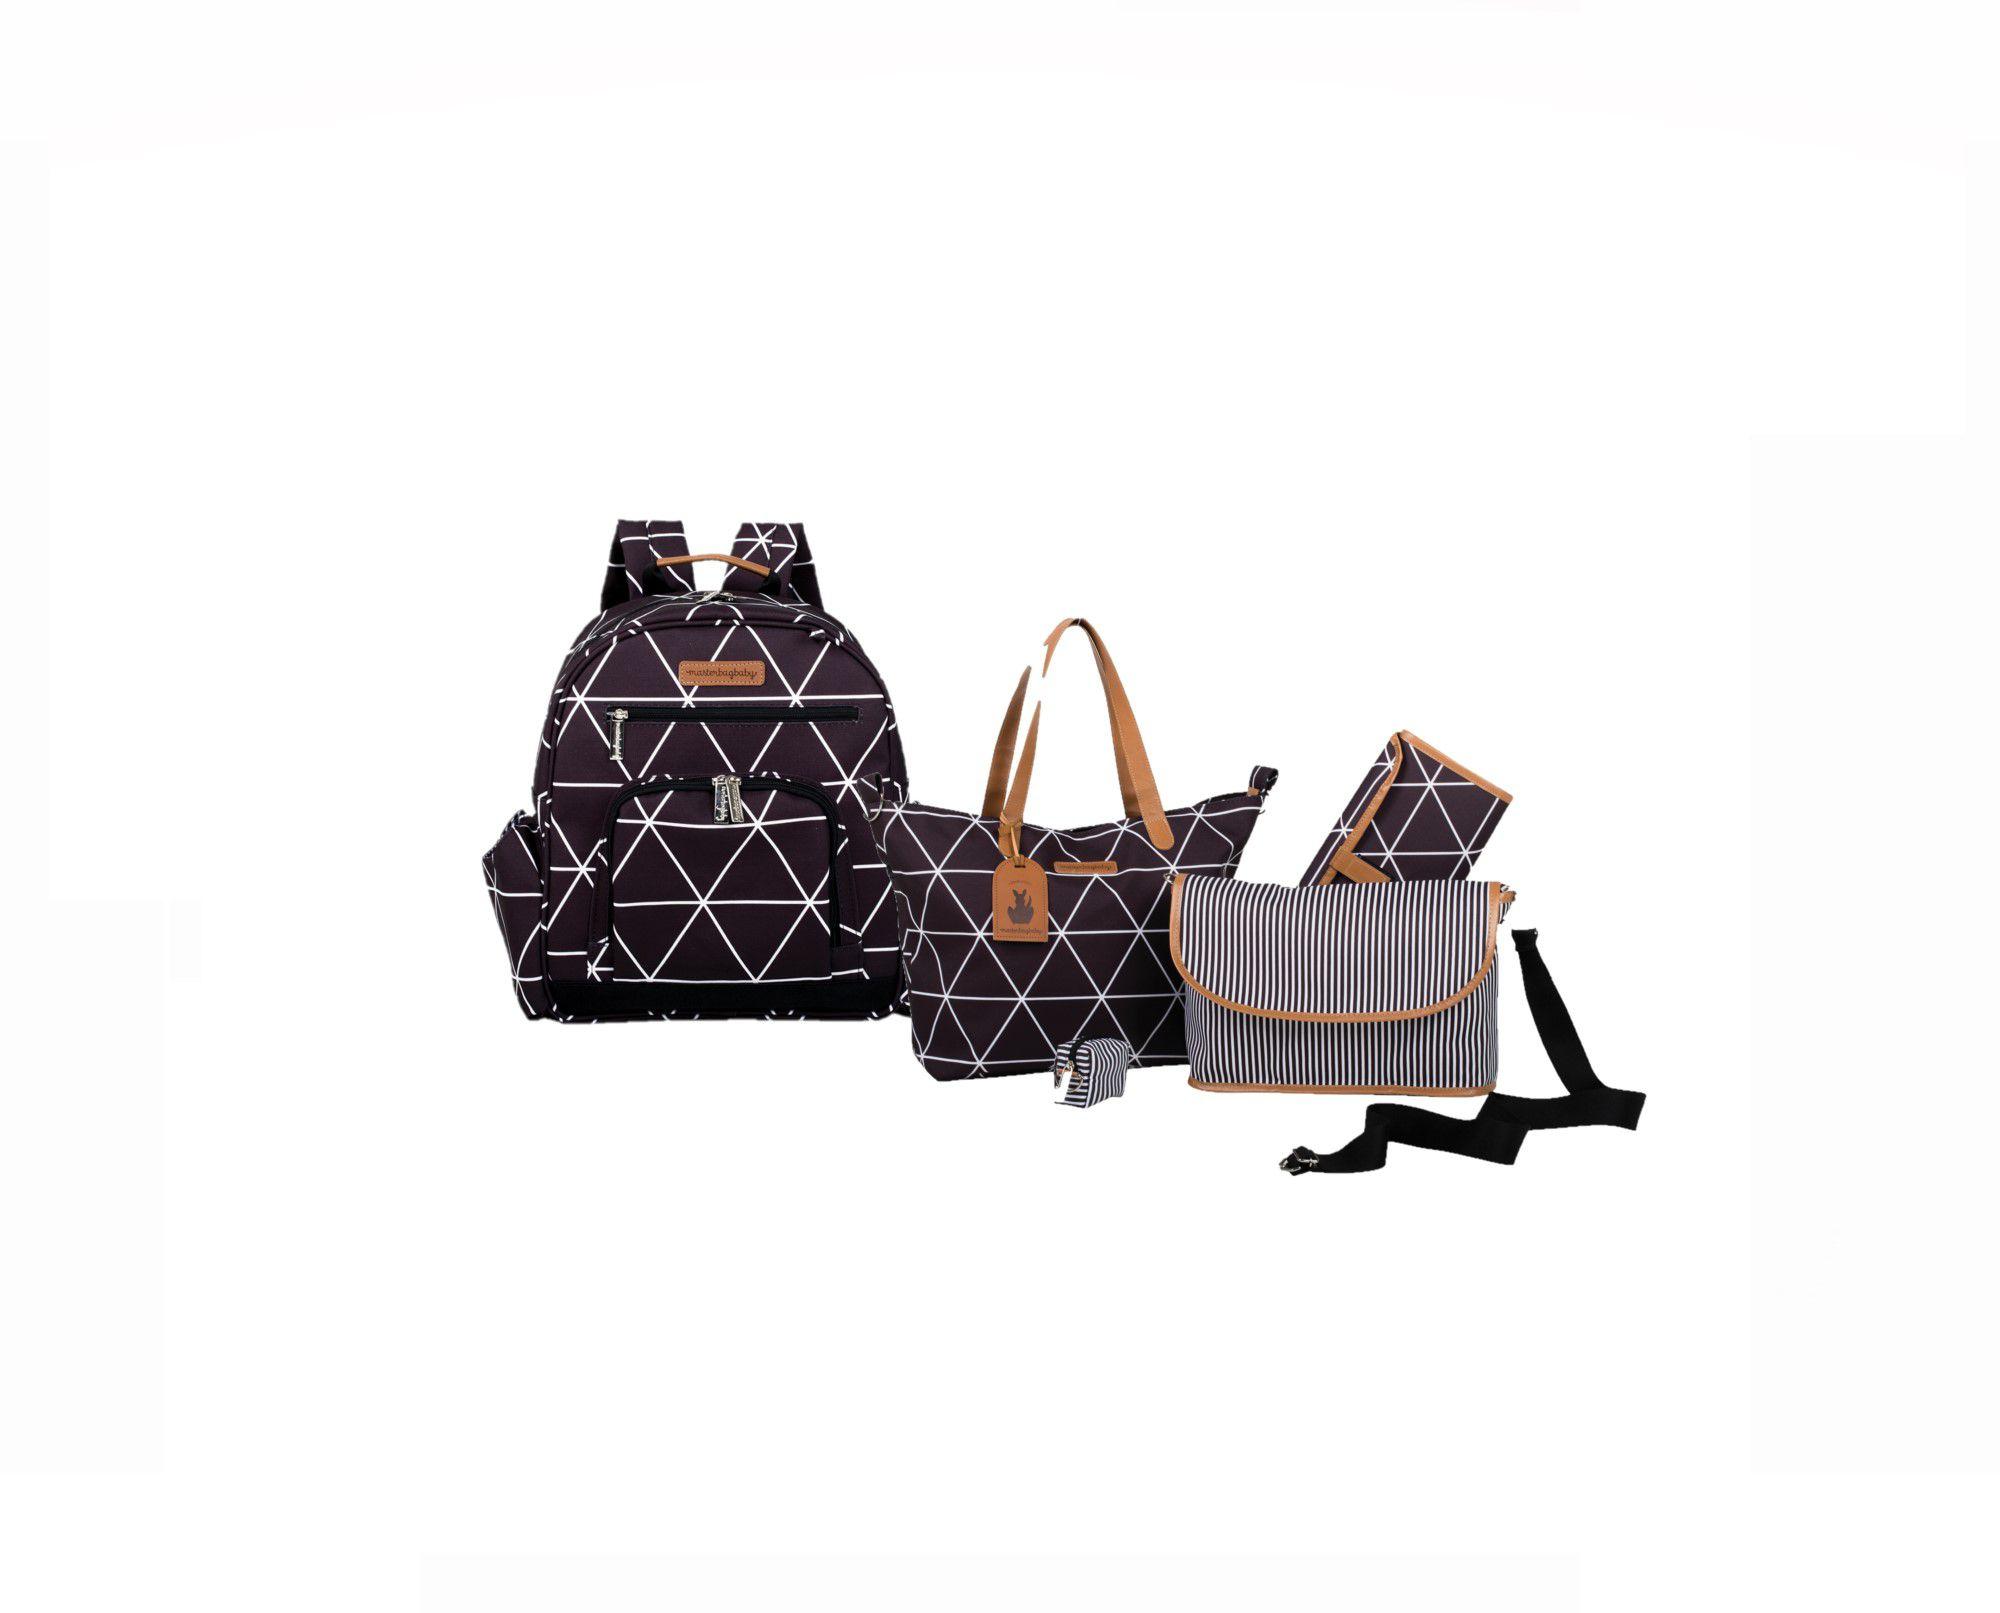 Kit Bolsa de maternidade Sofia 4x1 e Mochila preta Manhattan - Masterbag Baby